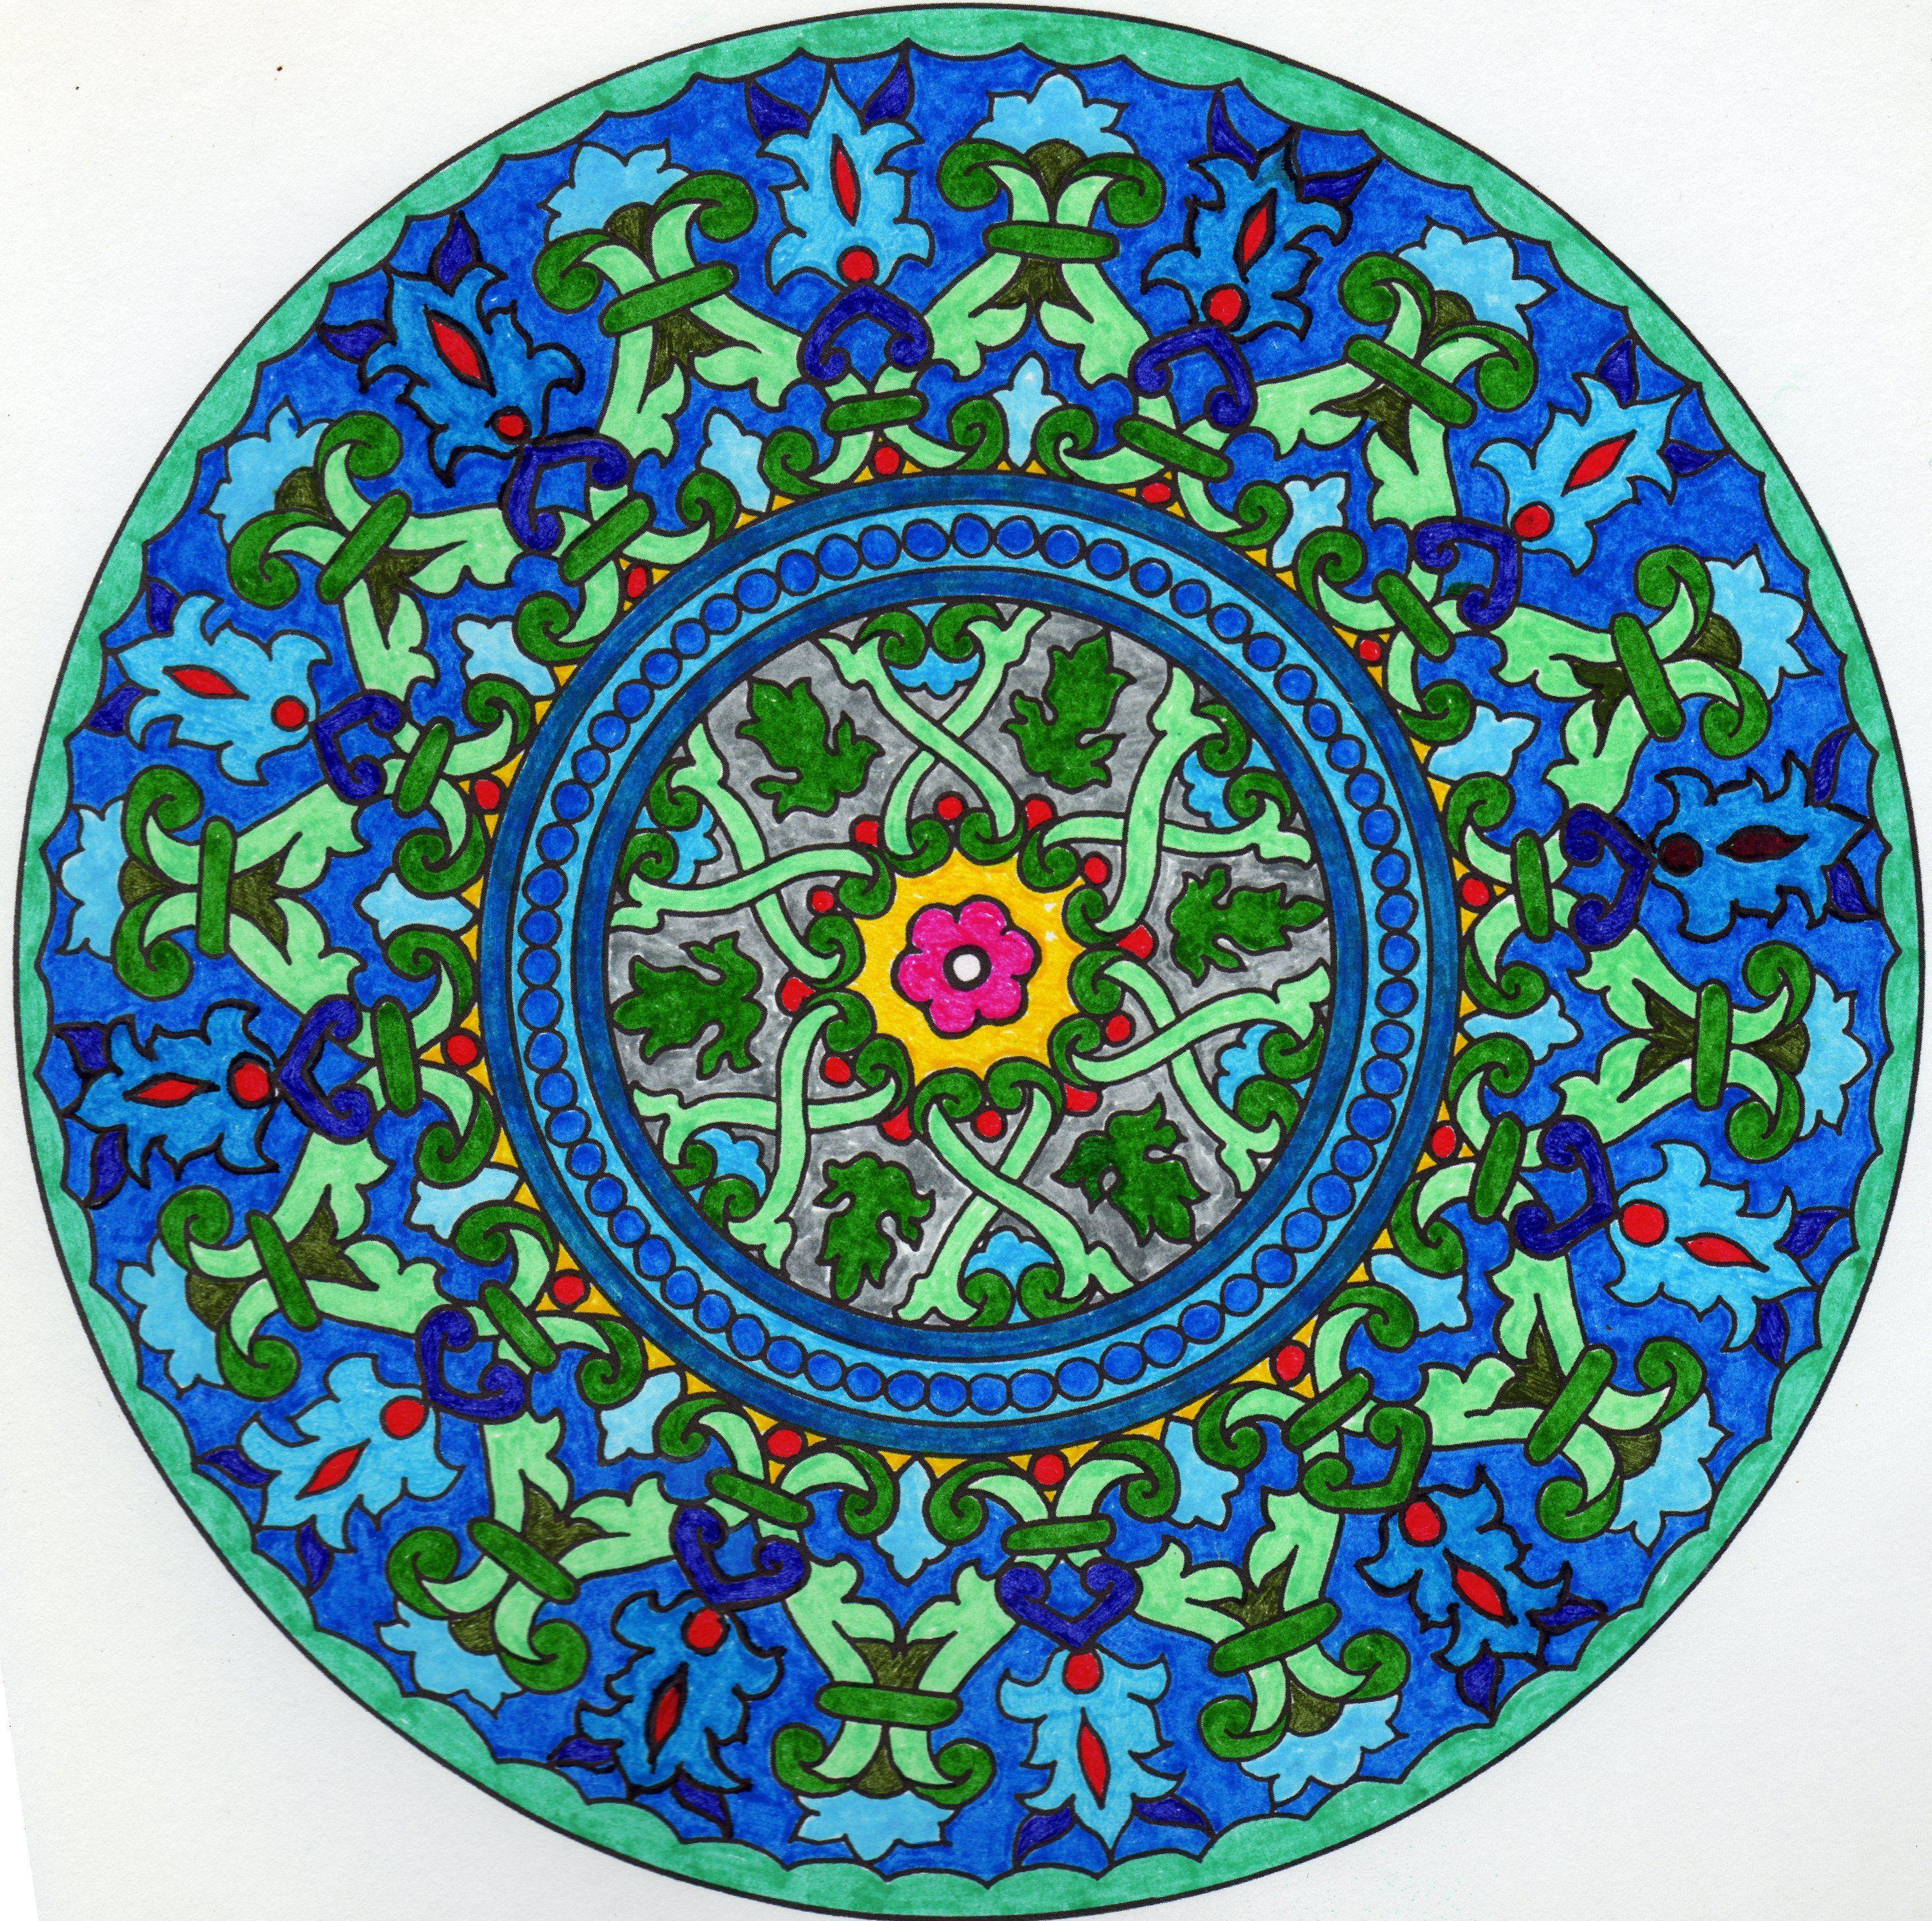 Al andalus mandala mandalas pinterest mandalas